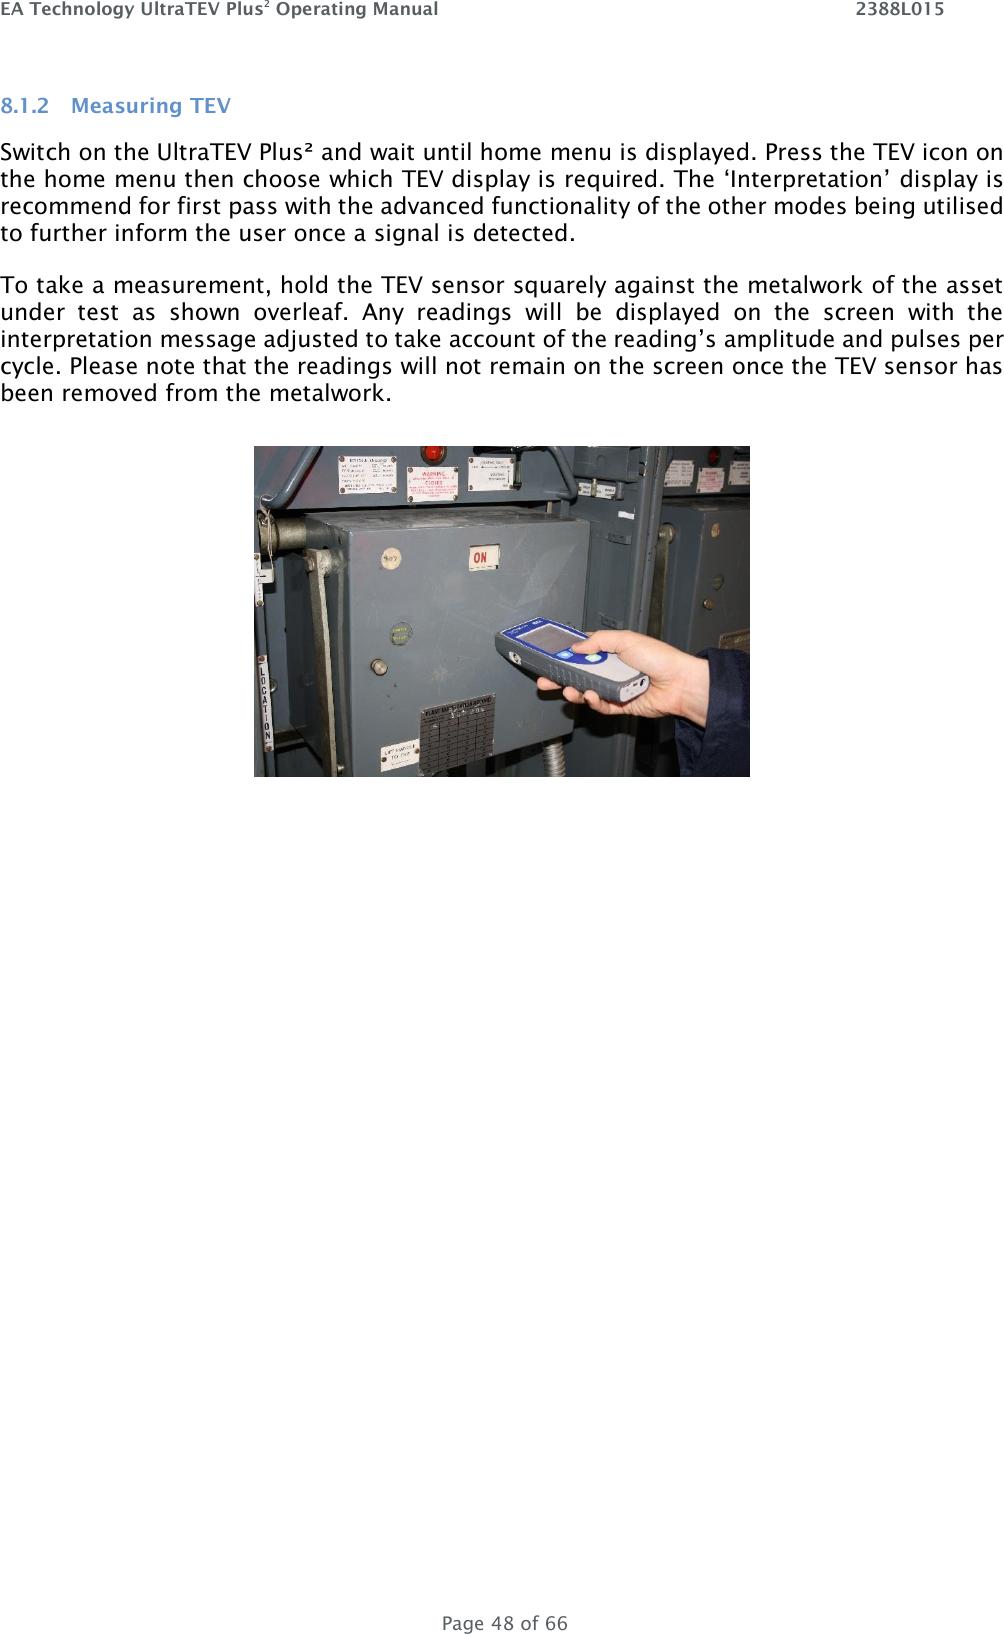 php manual pdf 5.3